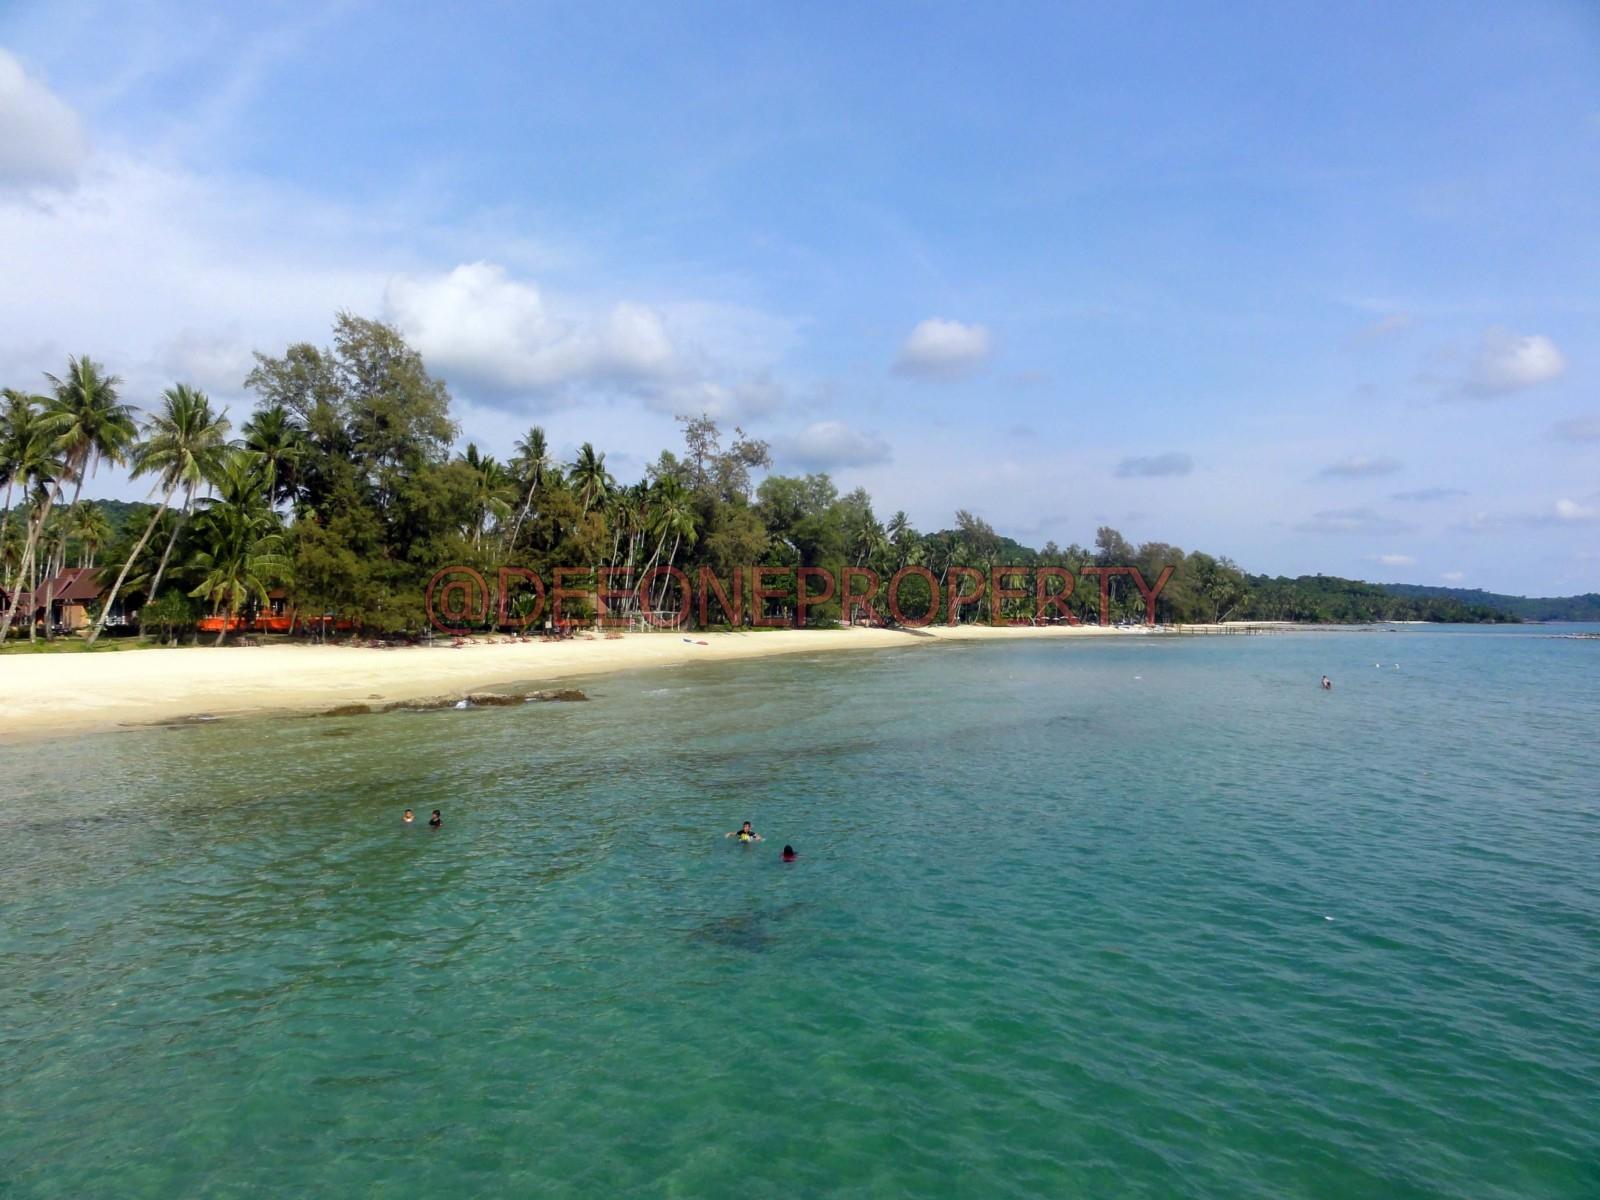 歷史悠久海濱度假村出售 – 庫德島 (Koh Kut)